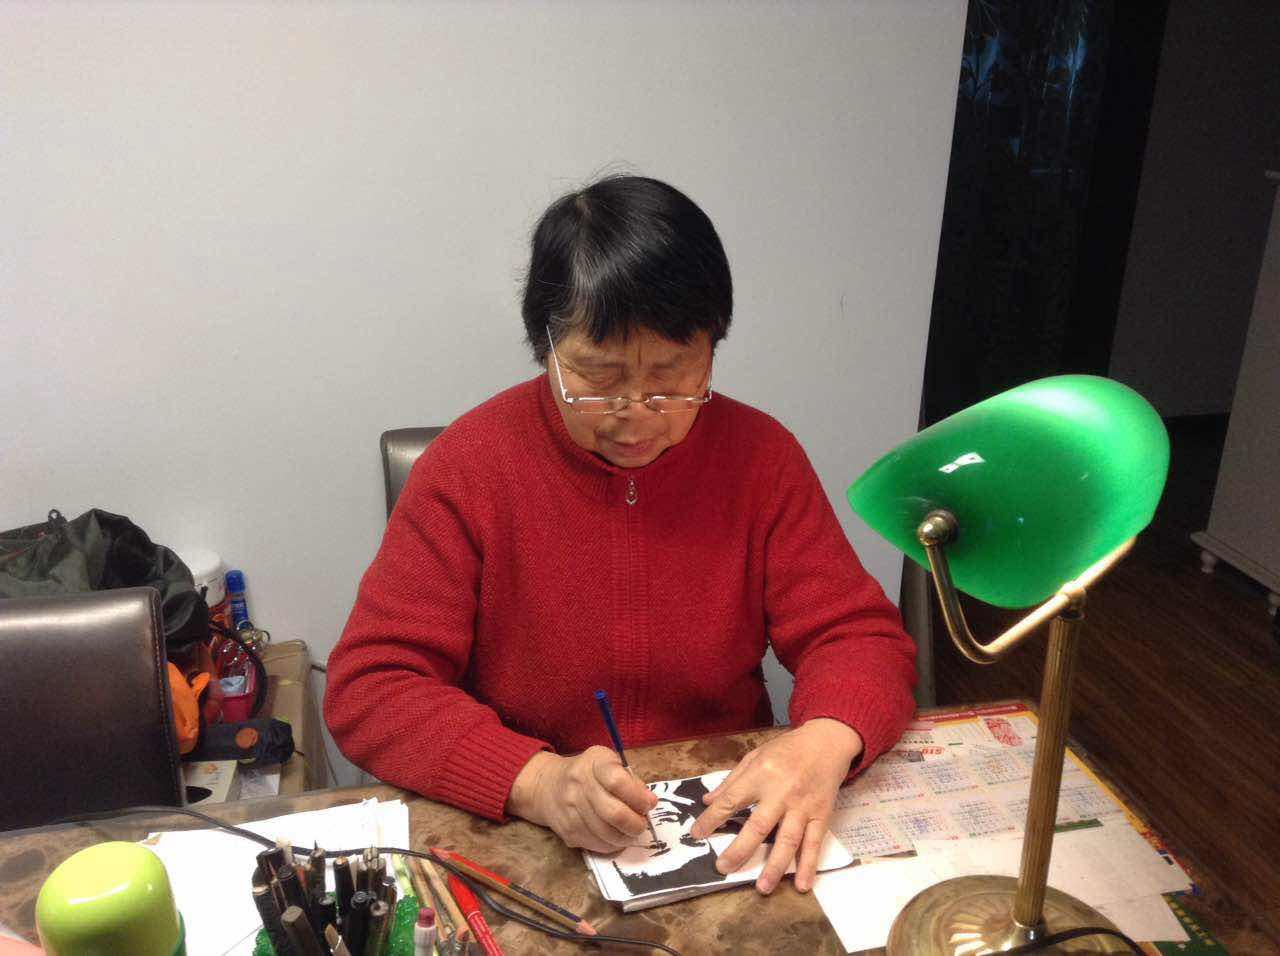 乒乓球老剪纸体育演绎中国冠军位置_教练_央阳澄湖骑马滑翔伞奥运图片